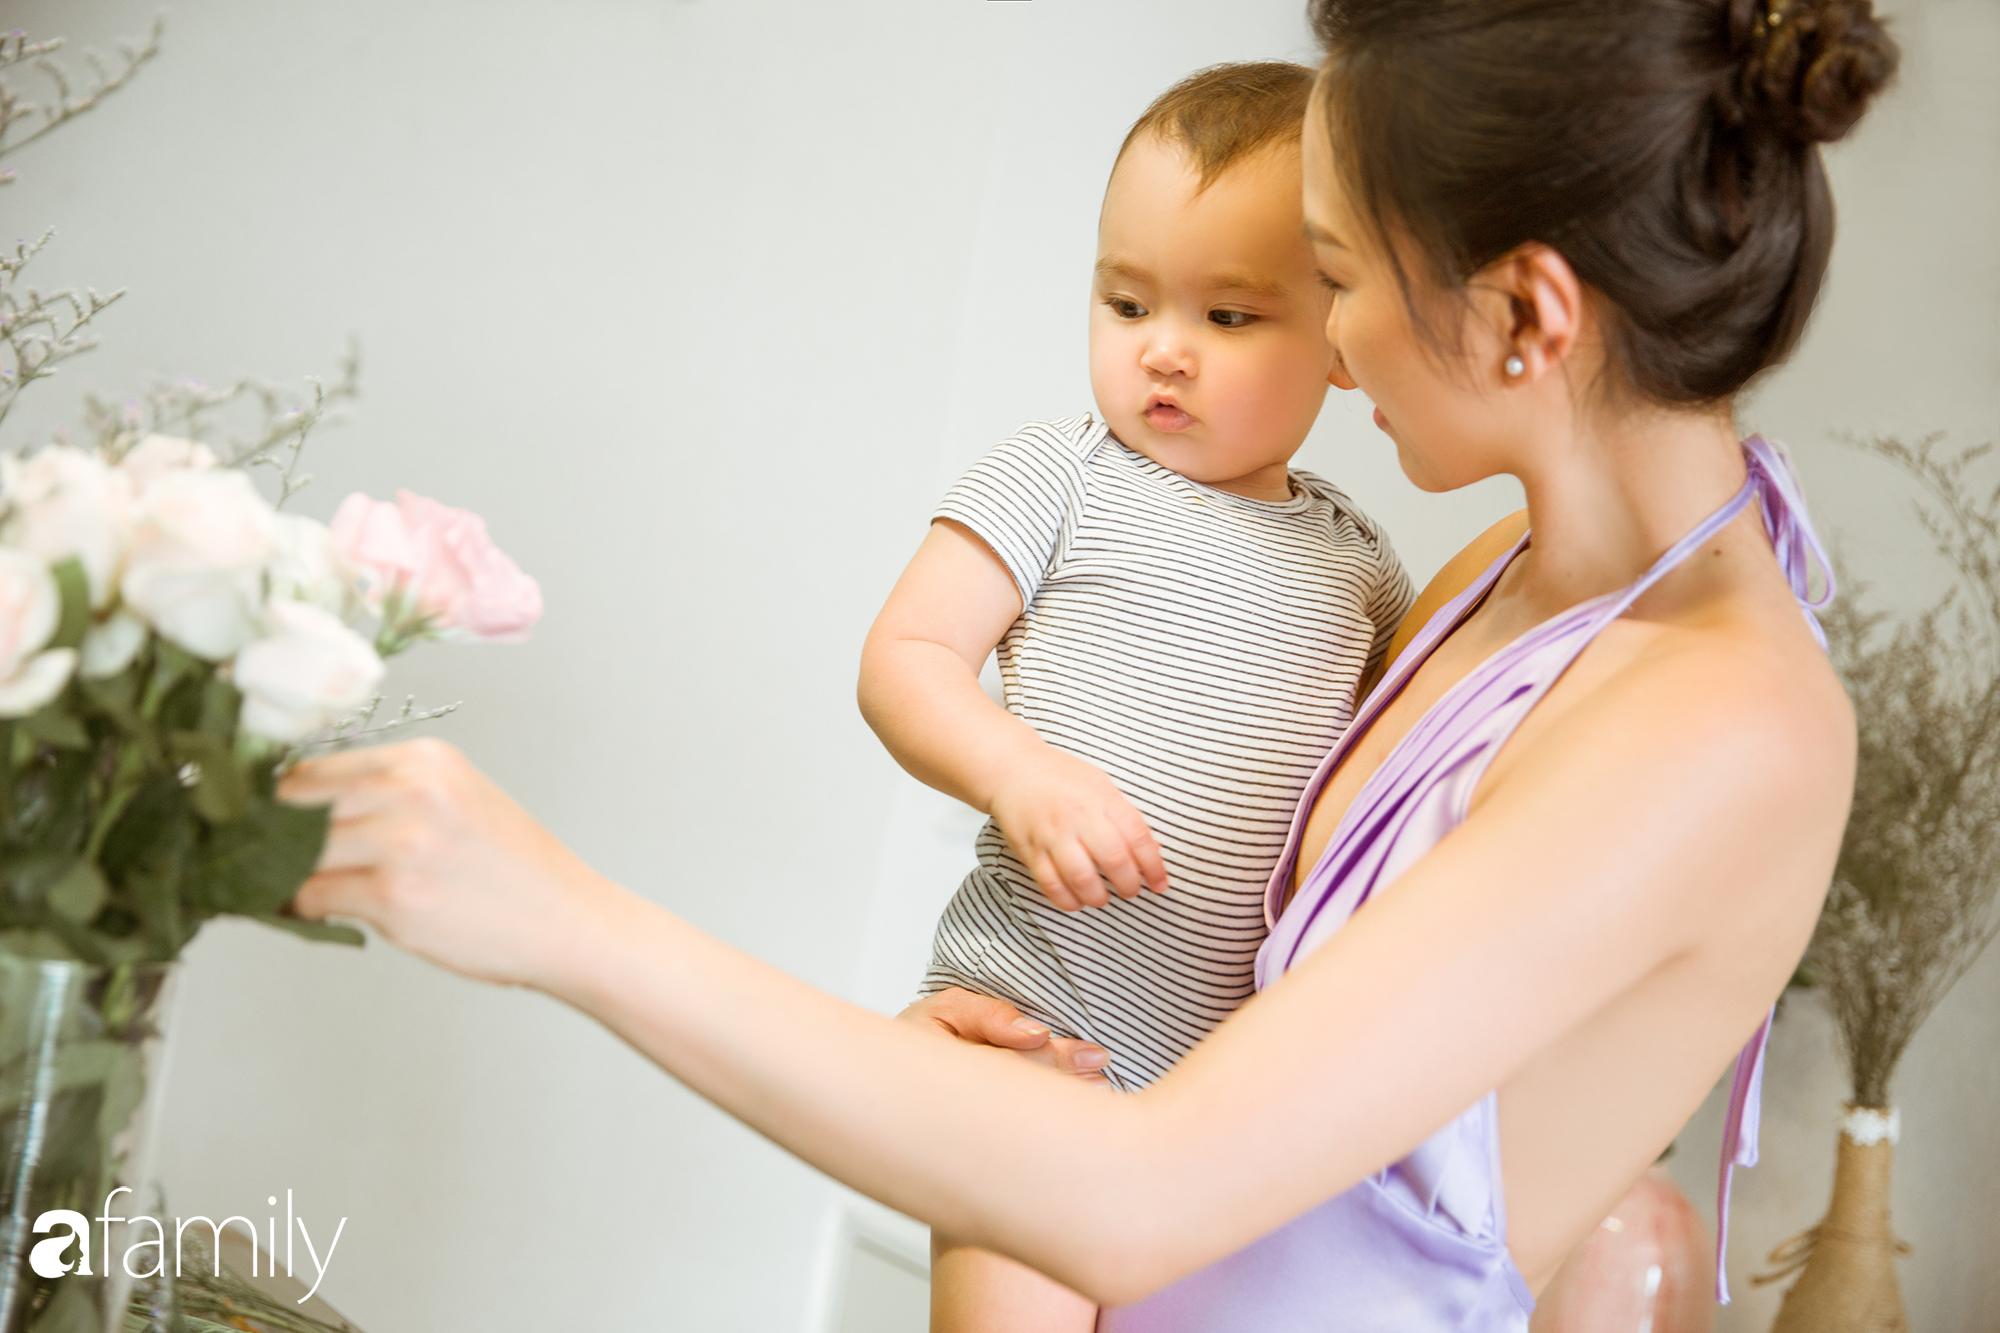 """Hot mom và nữ CEO chia sẻ cuộc sống sau gần 1 tháng cách ly """"thông minh"""" tại nhà cùng con nhỏ và sự chuẩn bị để trở lại cuộc sống hậu dịch - Ảnh 7."""